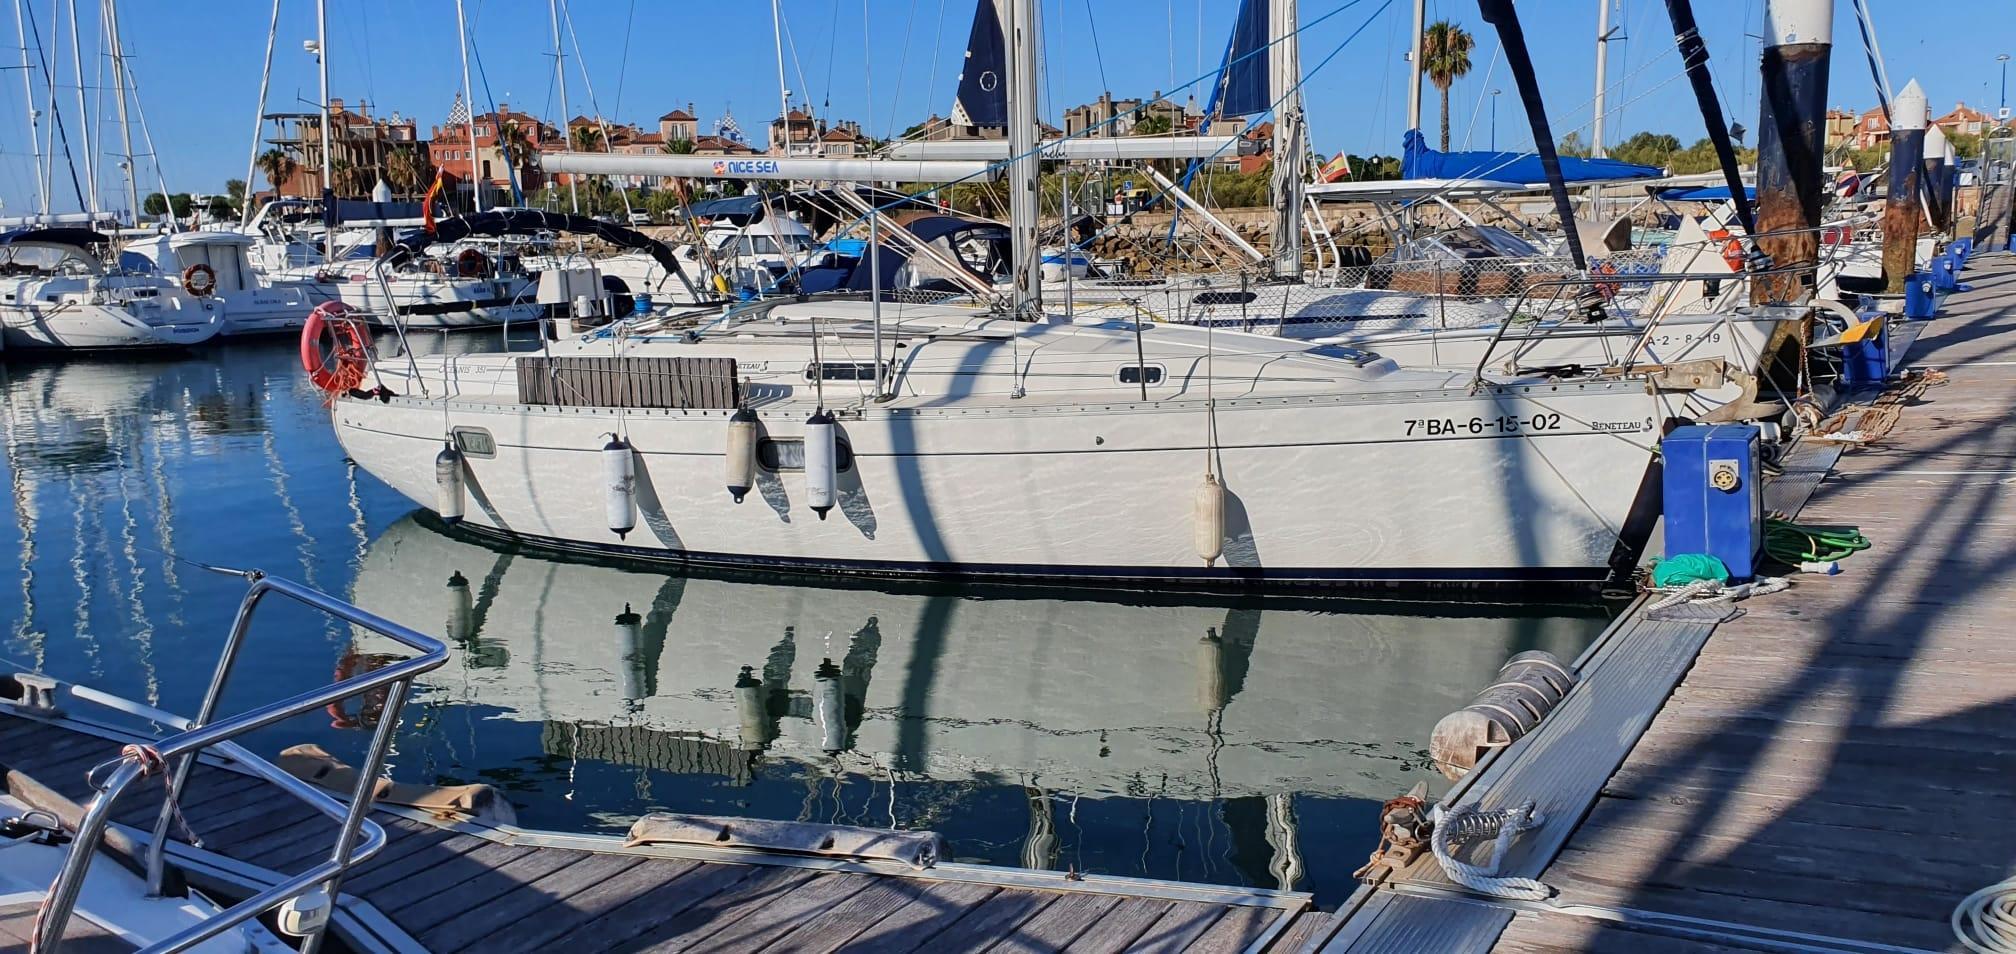 Barcos de Alquiler